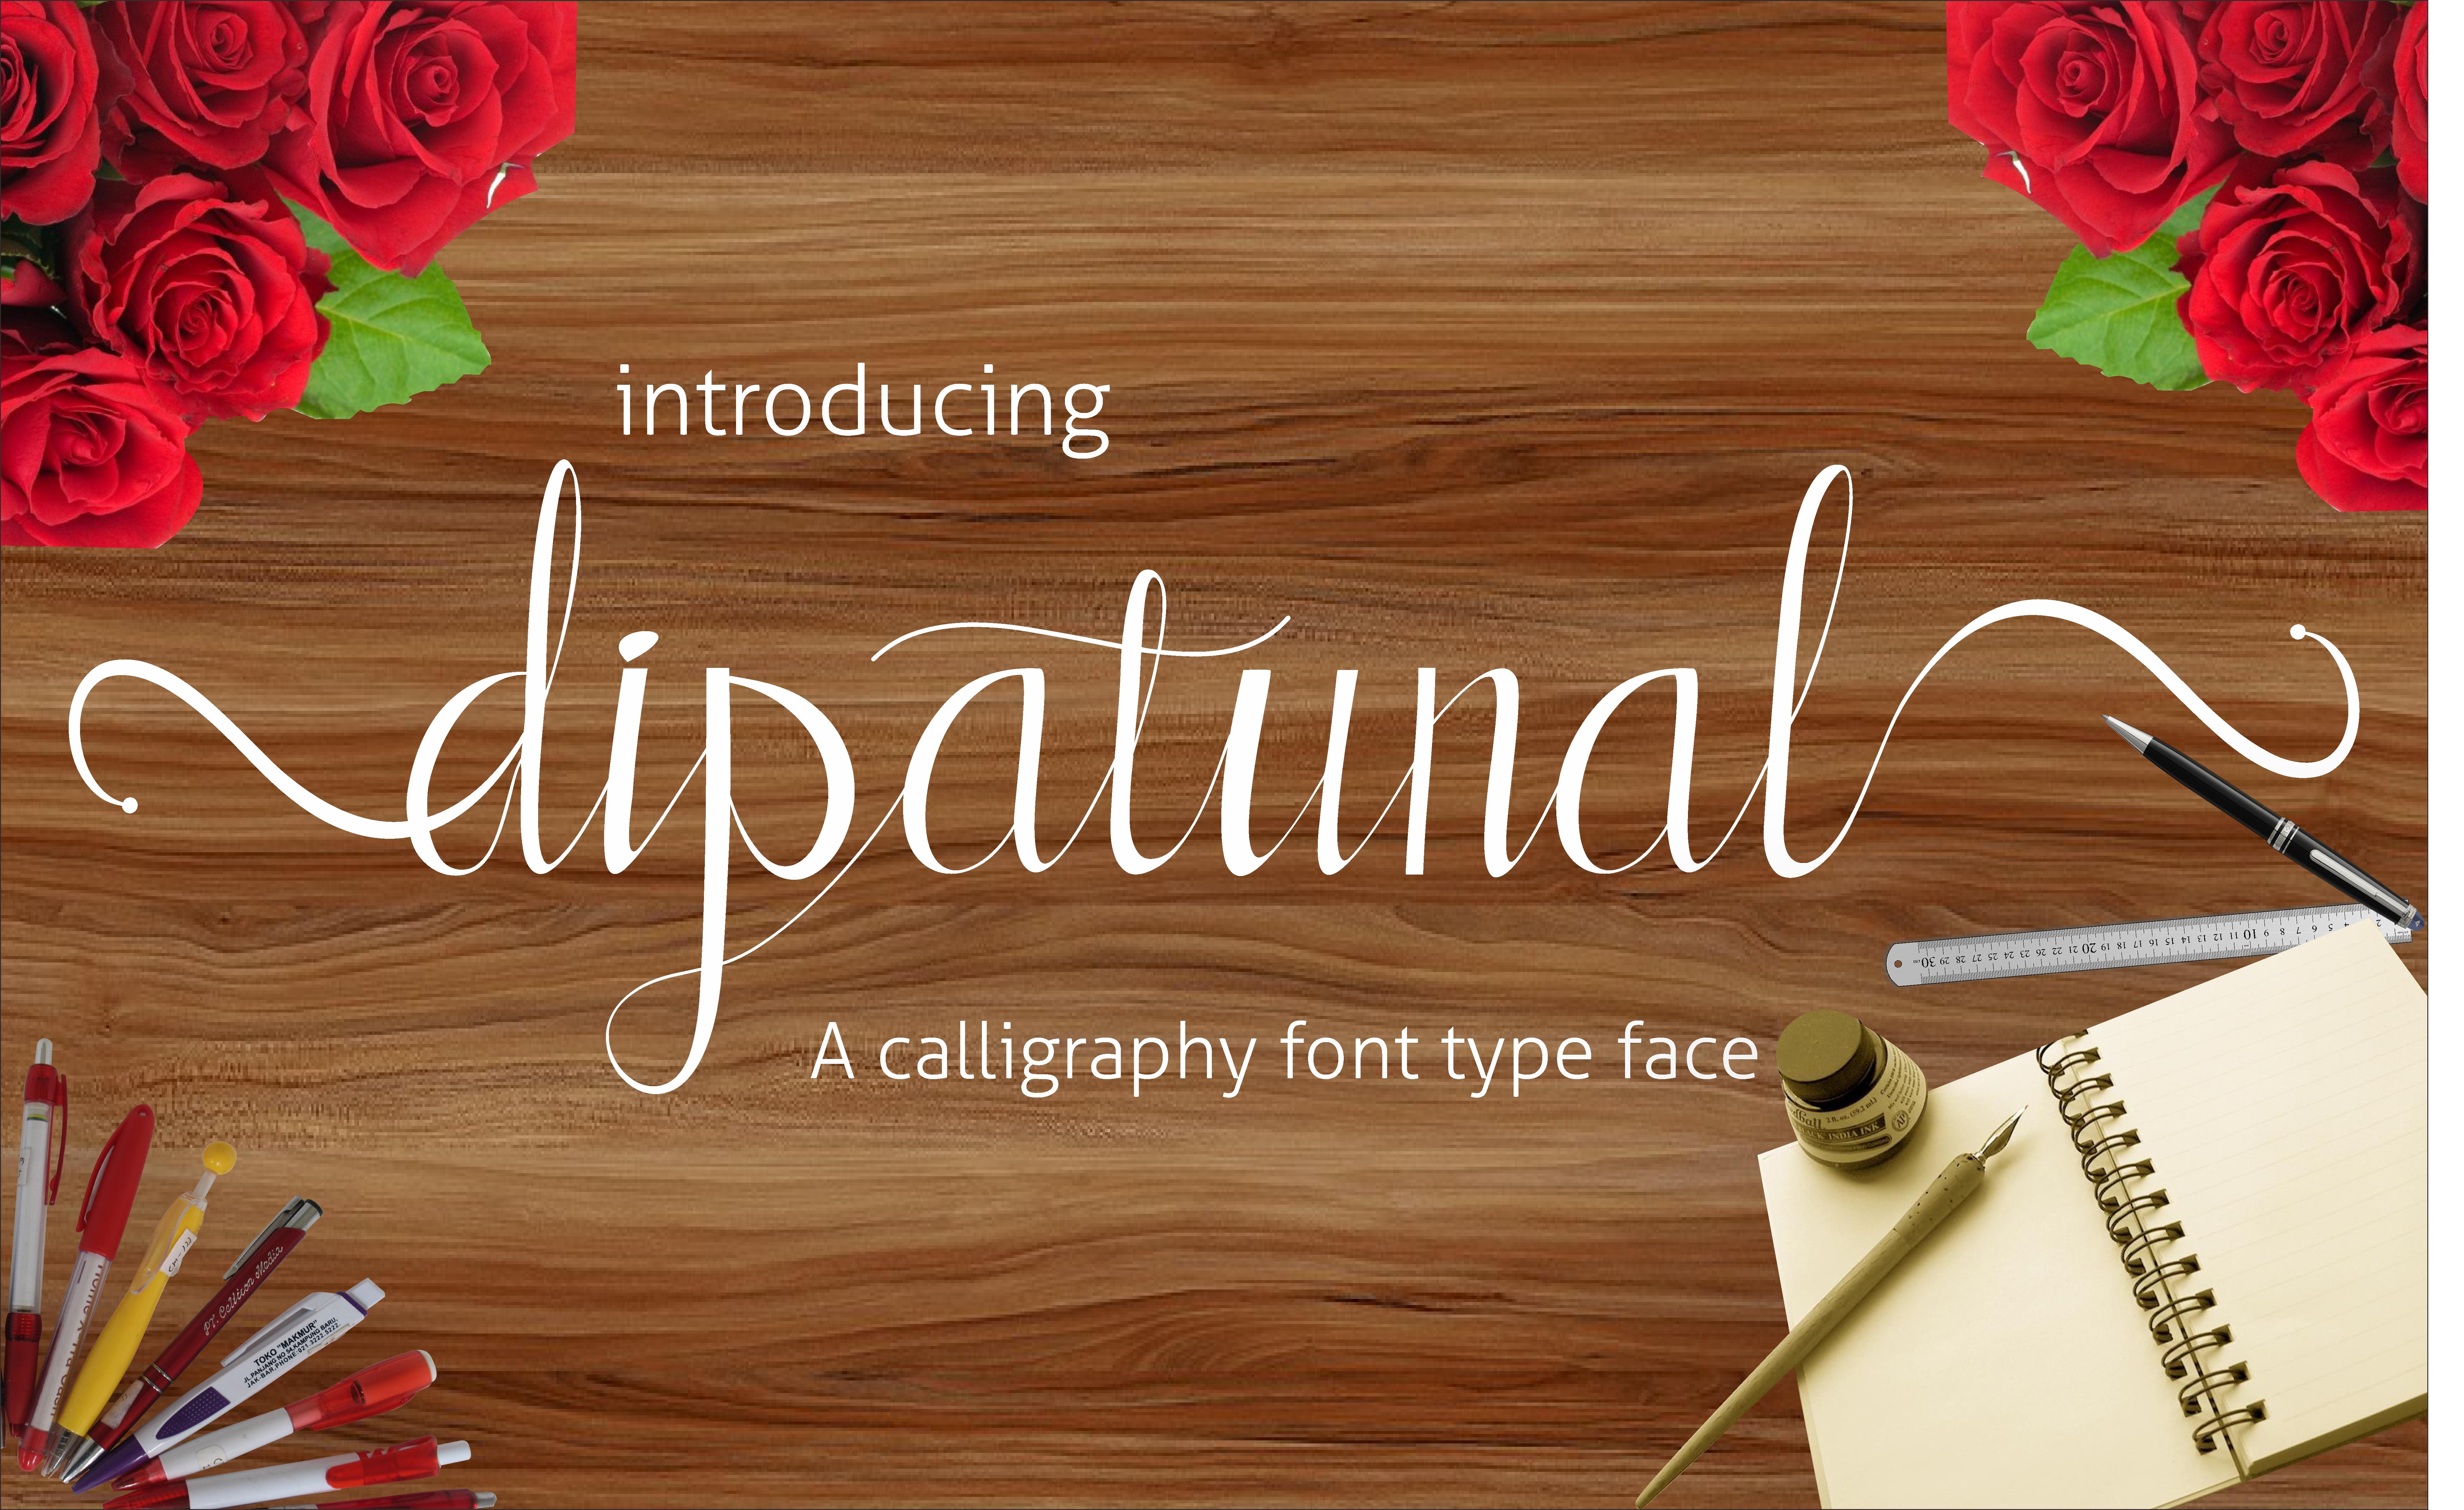 Dipatunal example image 2